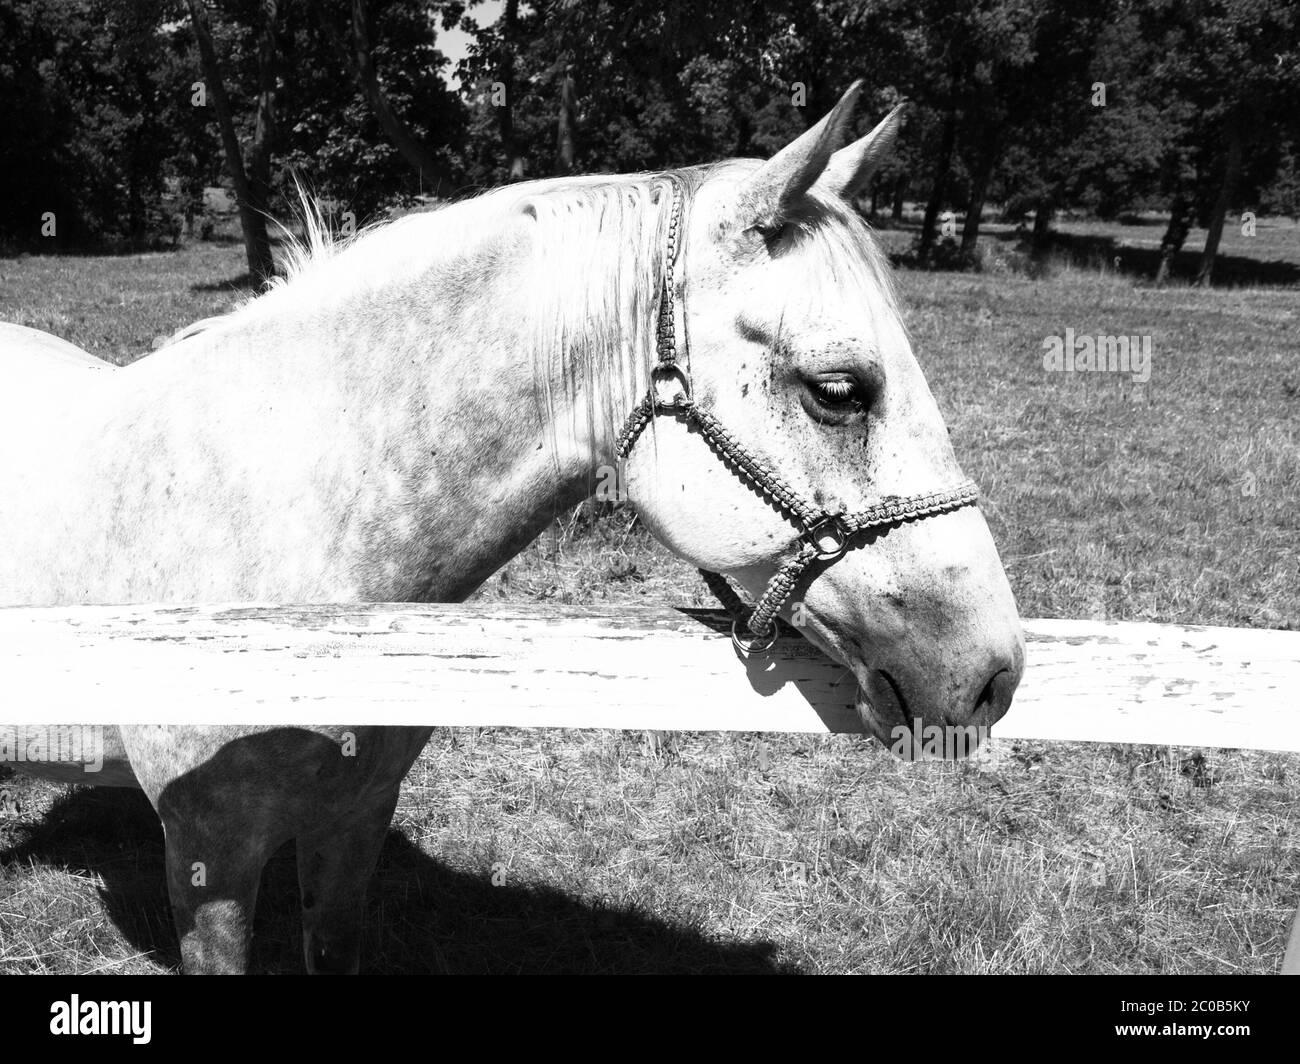 Portrait de l'étalon blanc Lipizzaner, Lipica, Slovénie, image en noir et blanc Banque D'Images